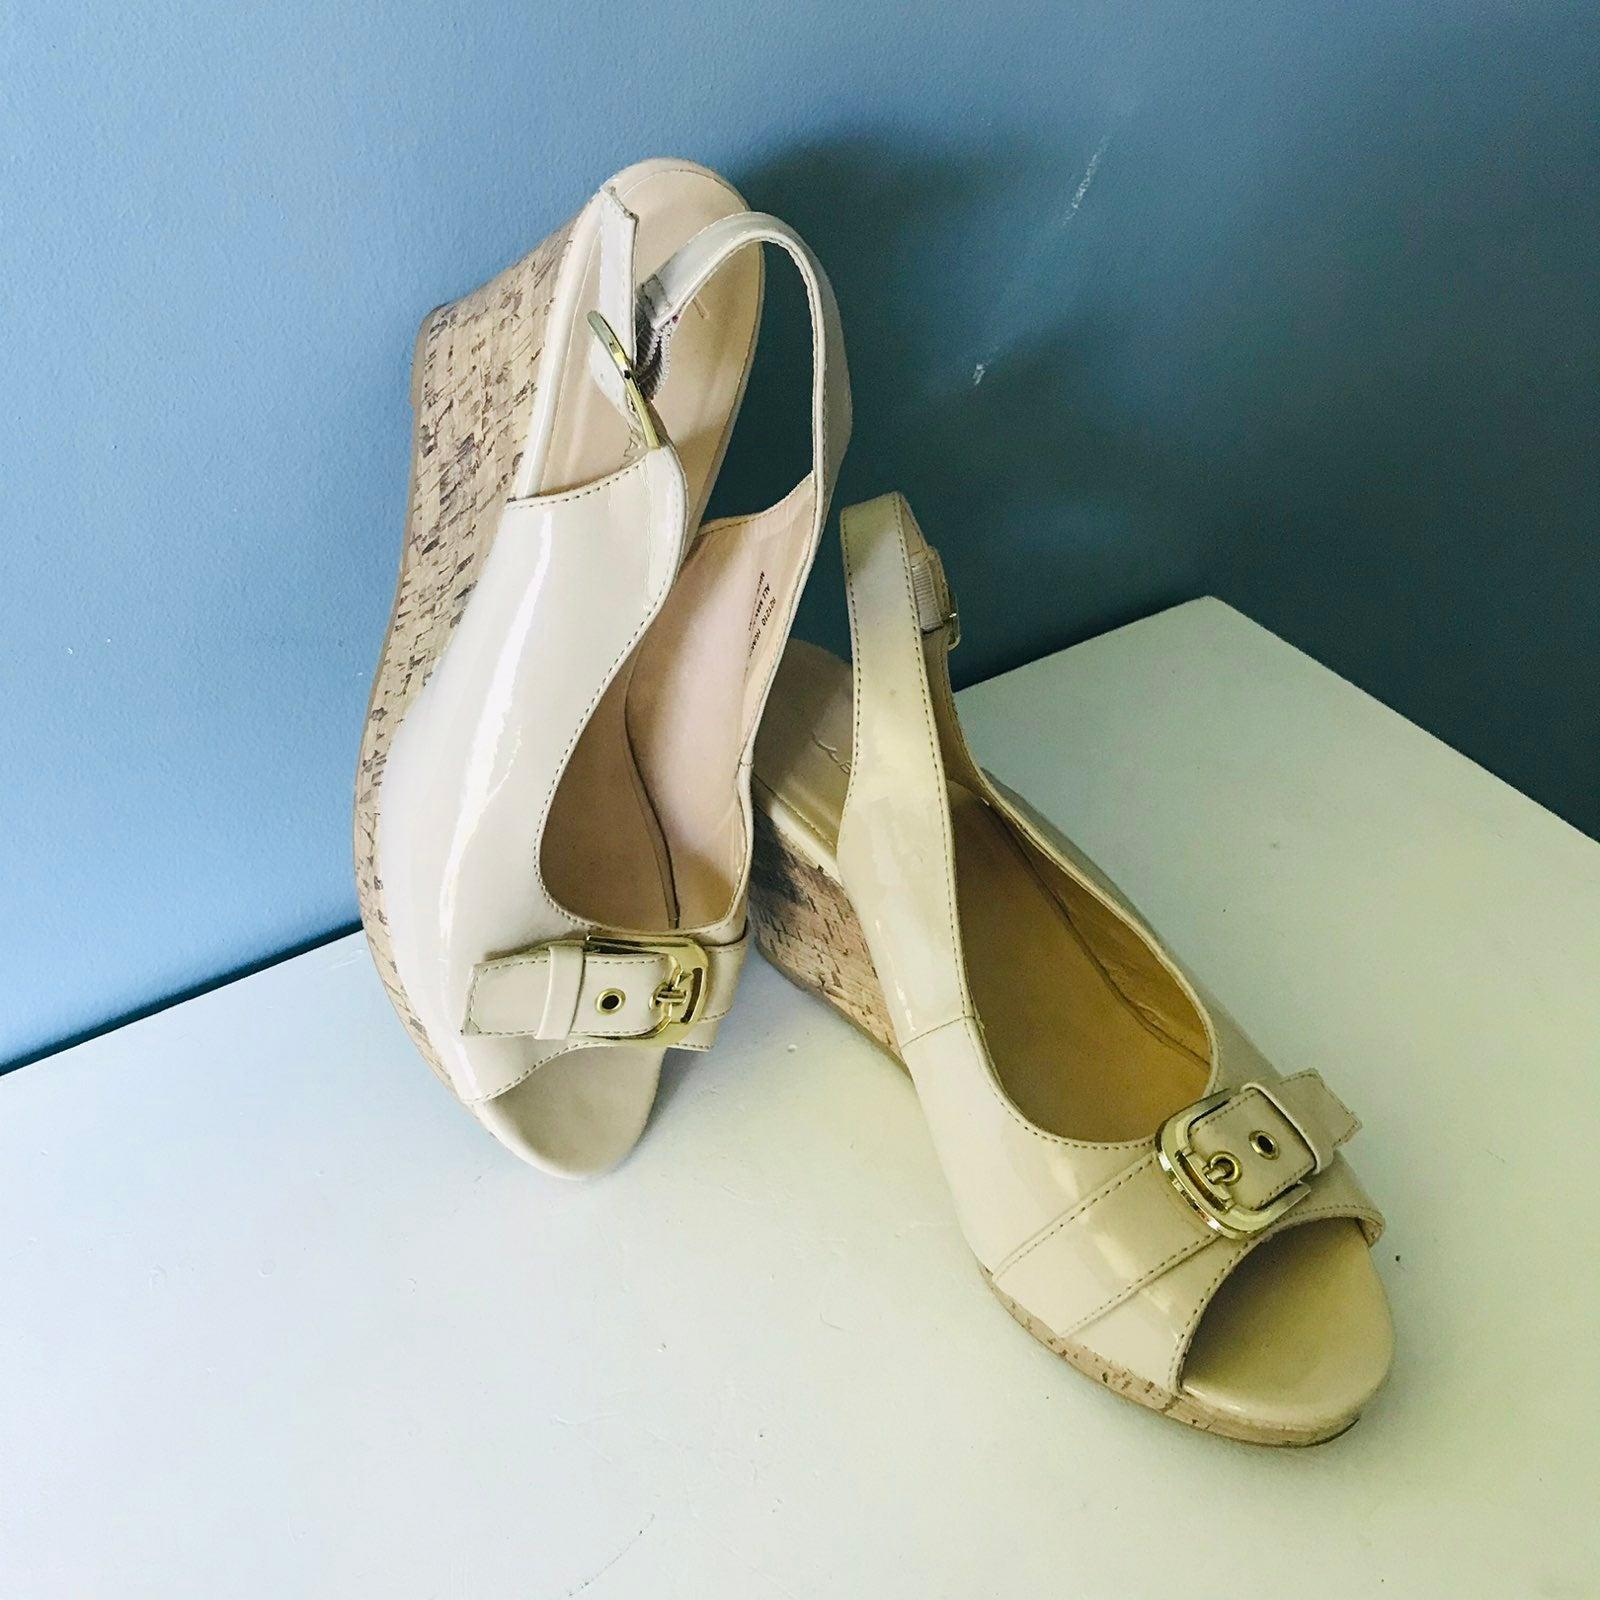 LANE BRYANT Sling back wedges Sandals 11